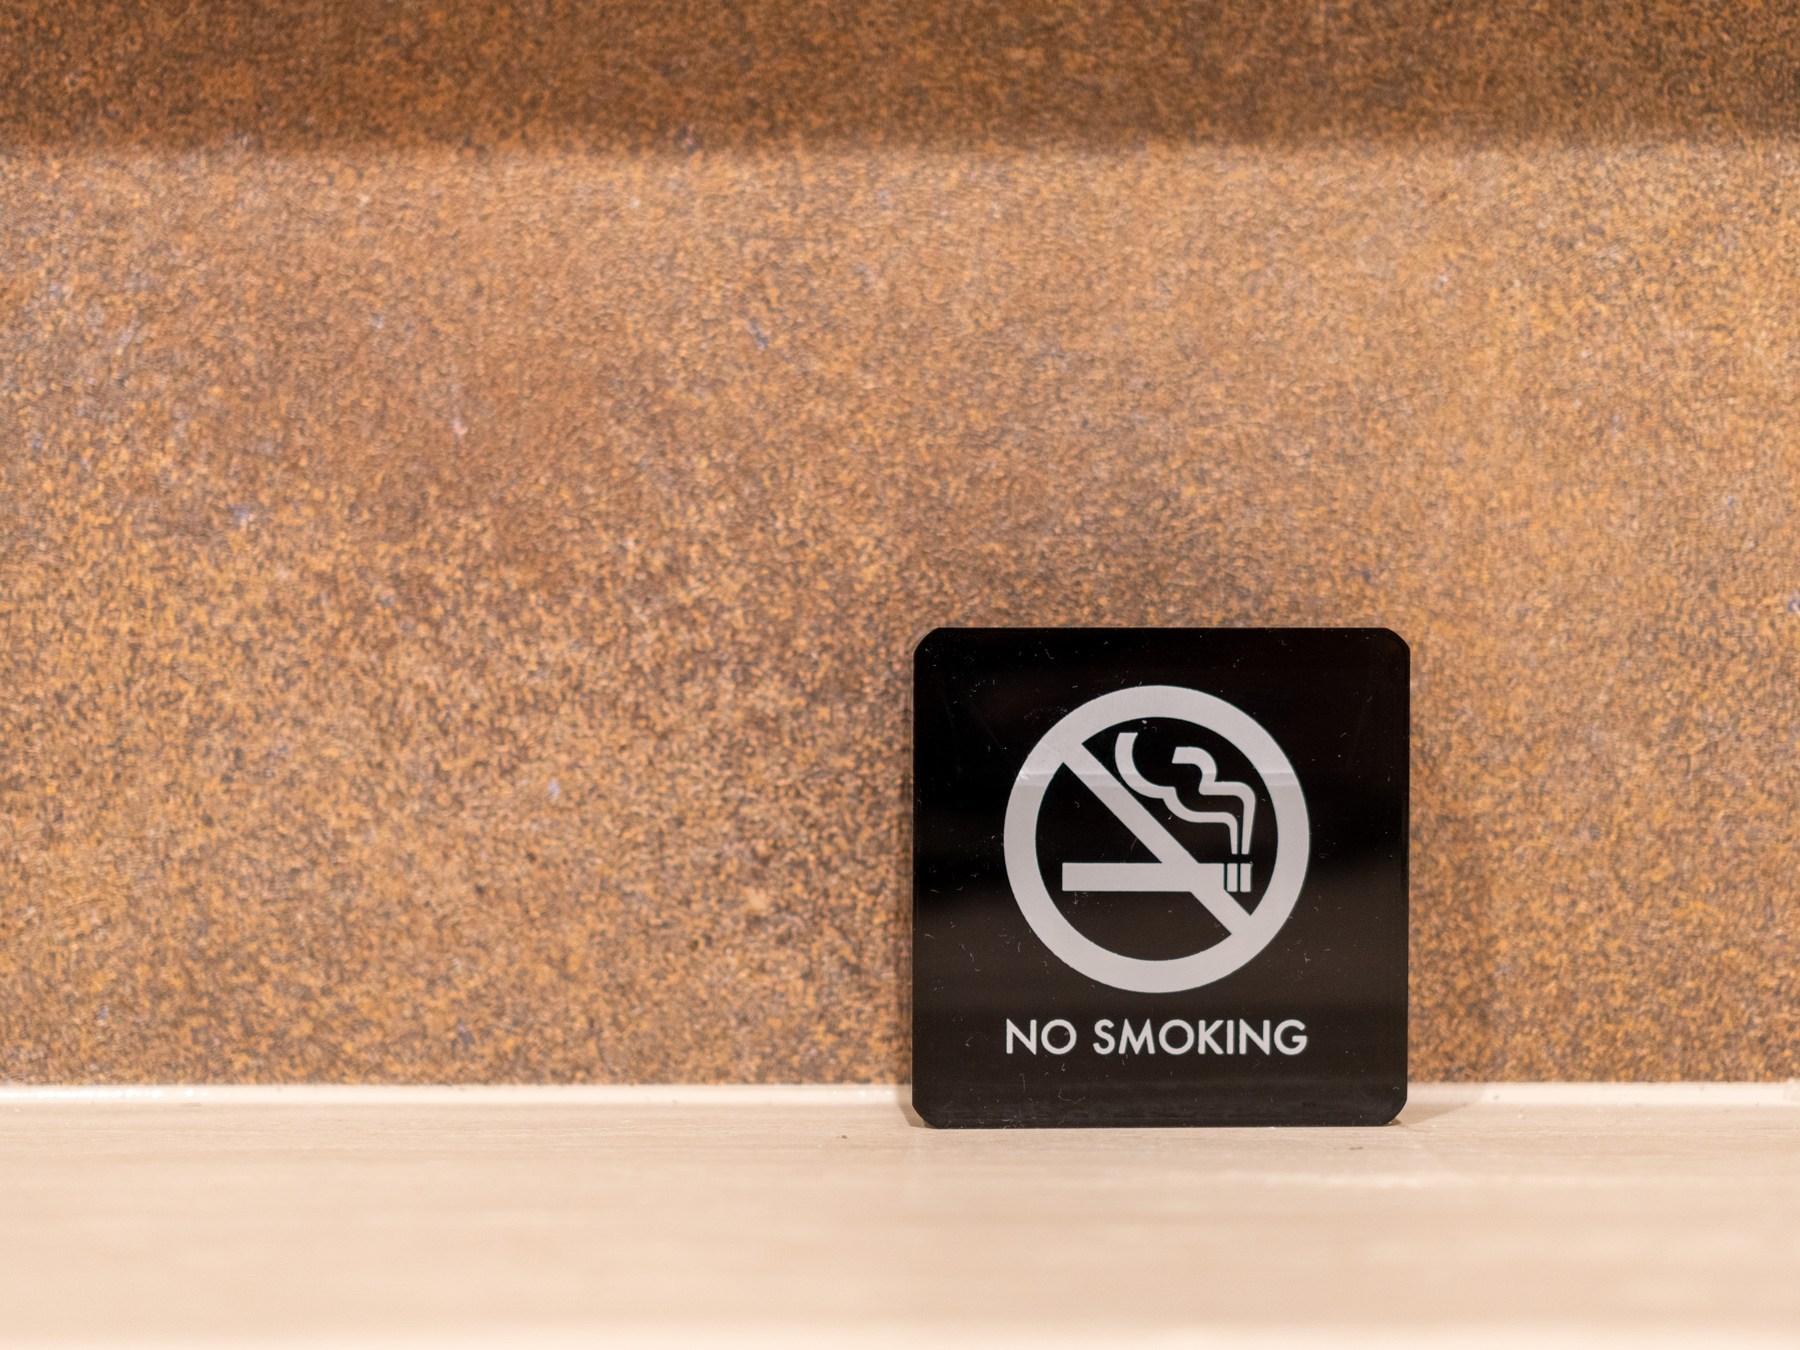 全館禁煙で安心してお過ごしいただけます